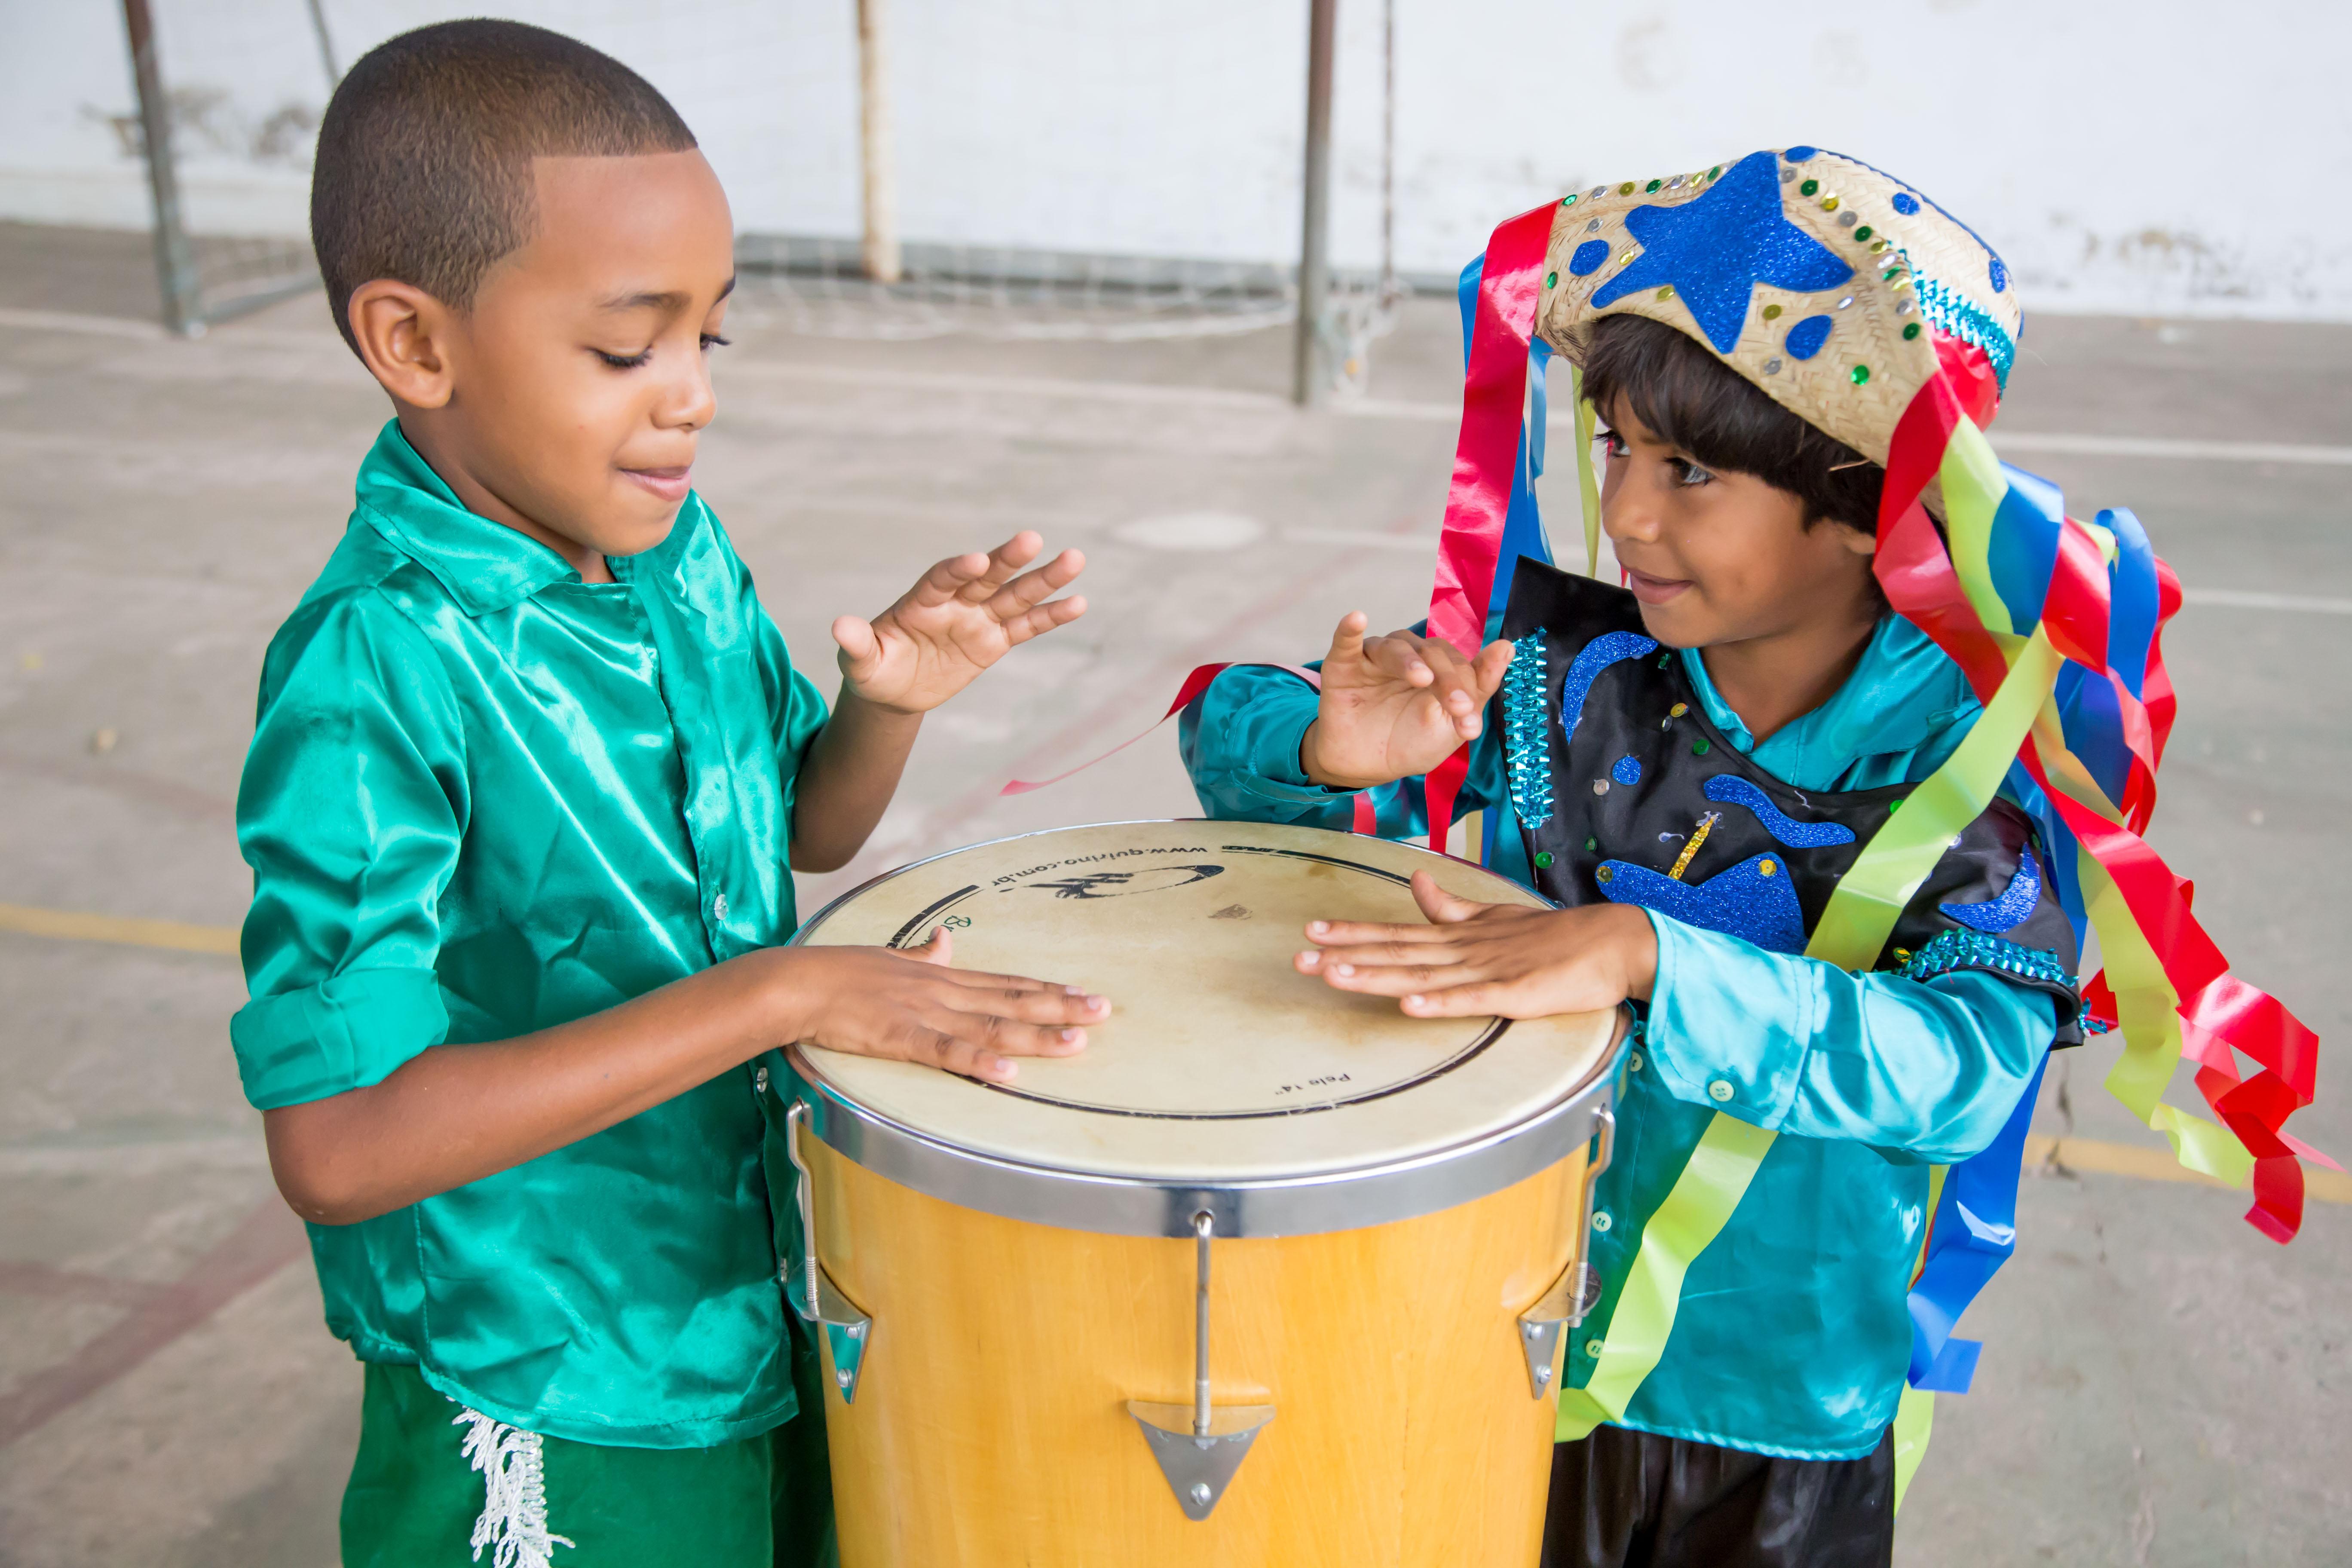 Dois garotos com roupas coloridas tocam uma timba.